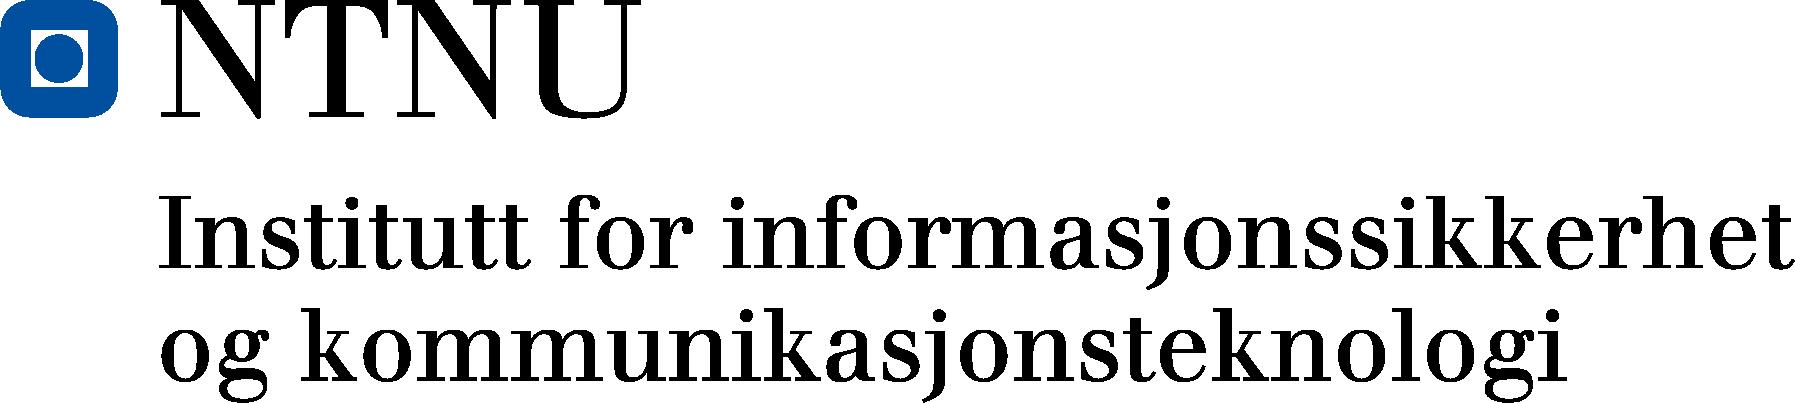 logo NTNU IIK, gå til NTNU IIKs nettsted